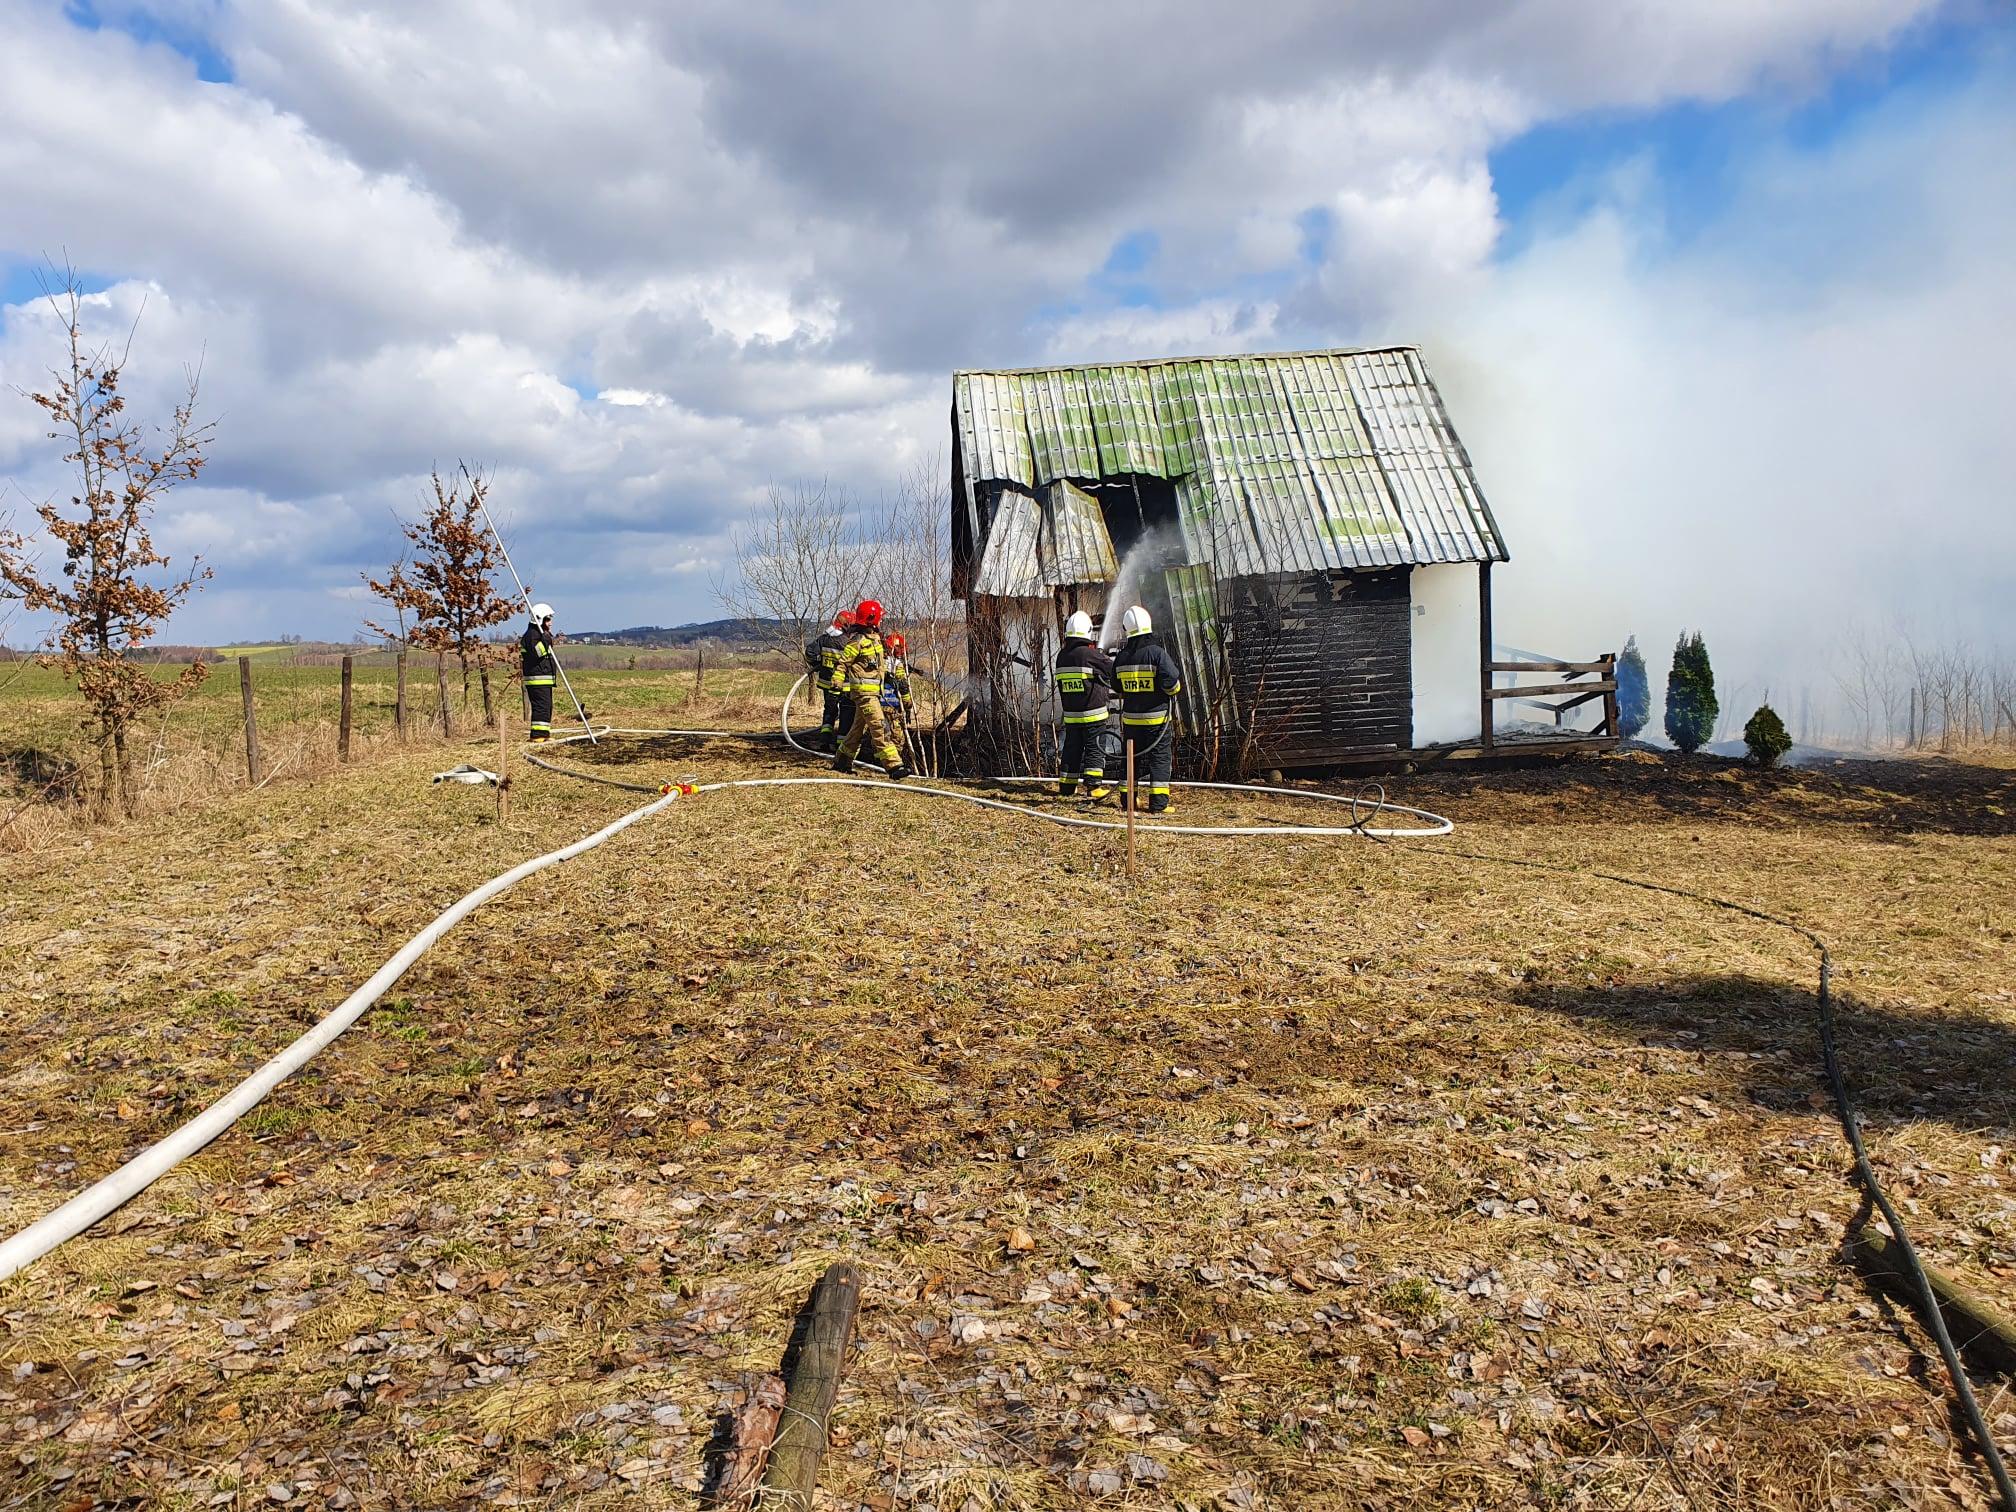 W Gnojnicy wybuchł pożar. Spłonęła altanka [ZDJĘCIA] - Zdjęcie główne